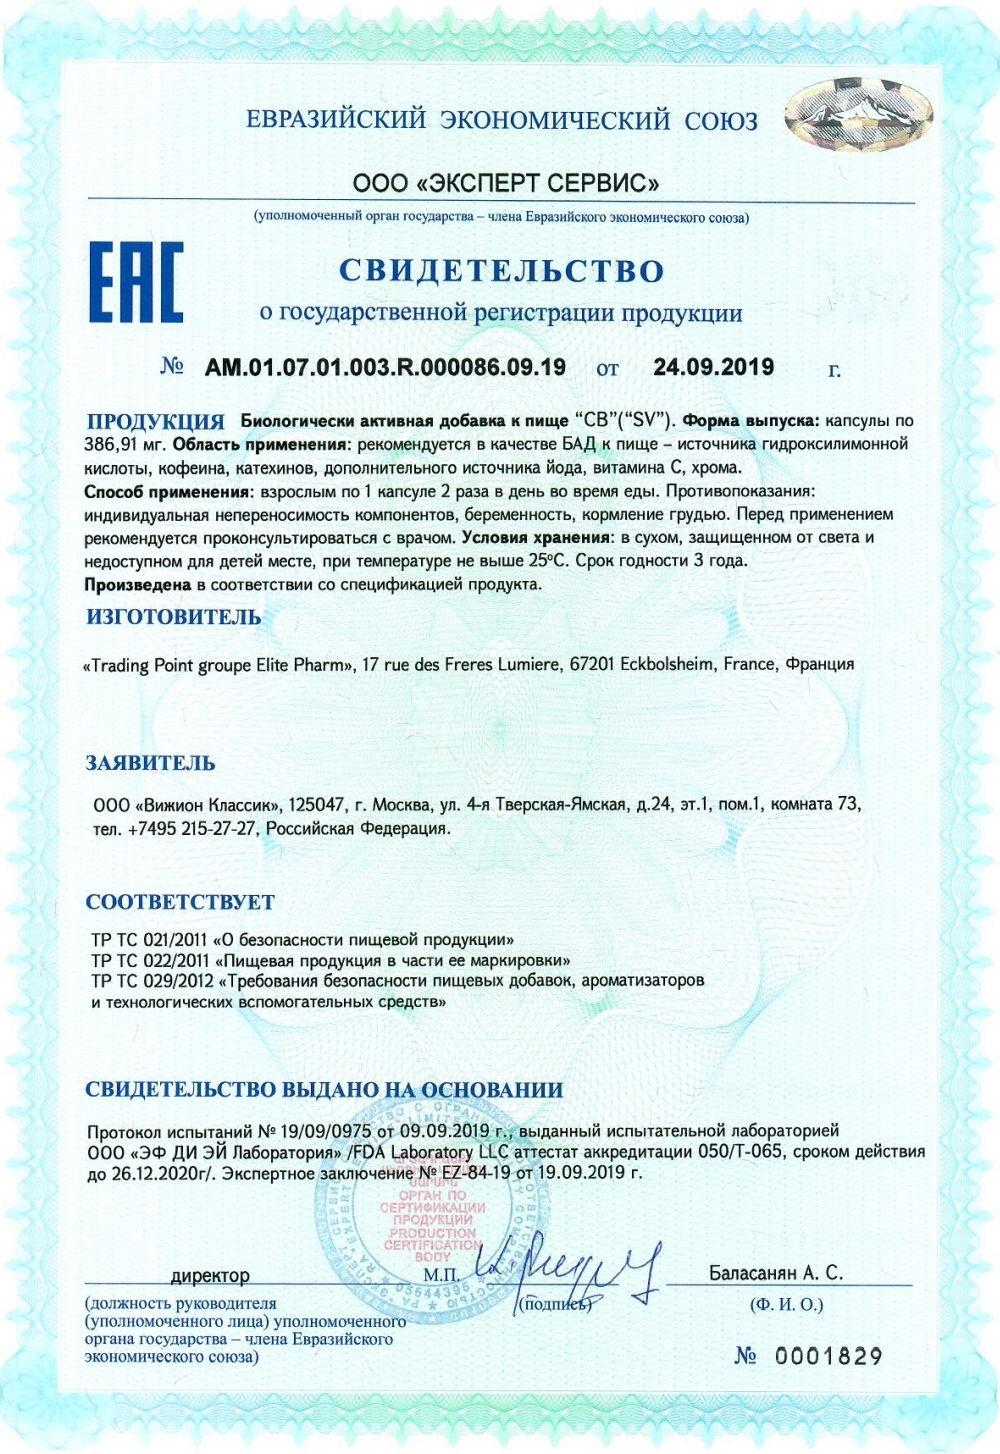 SV projectV svidetelstvo o gosudarstvennoy registracii